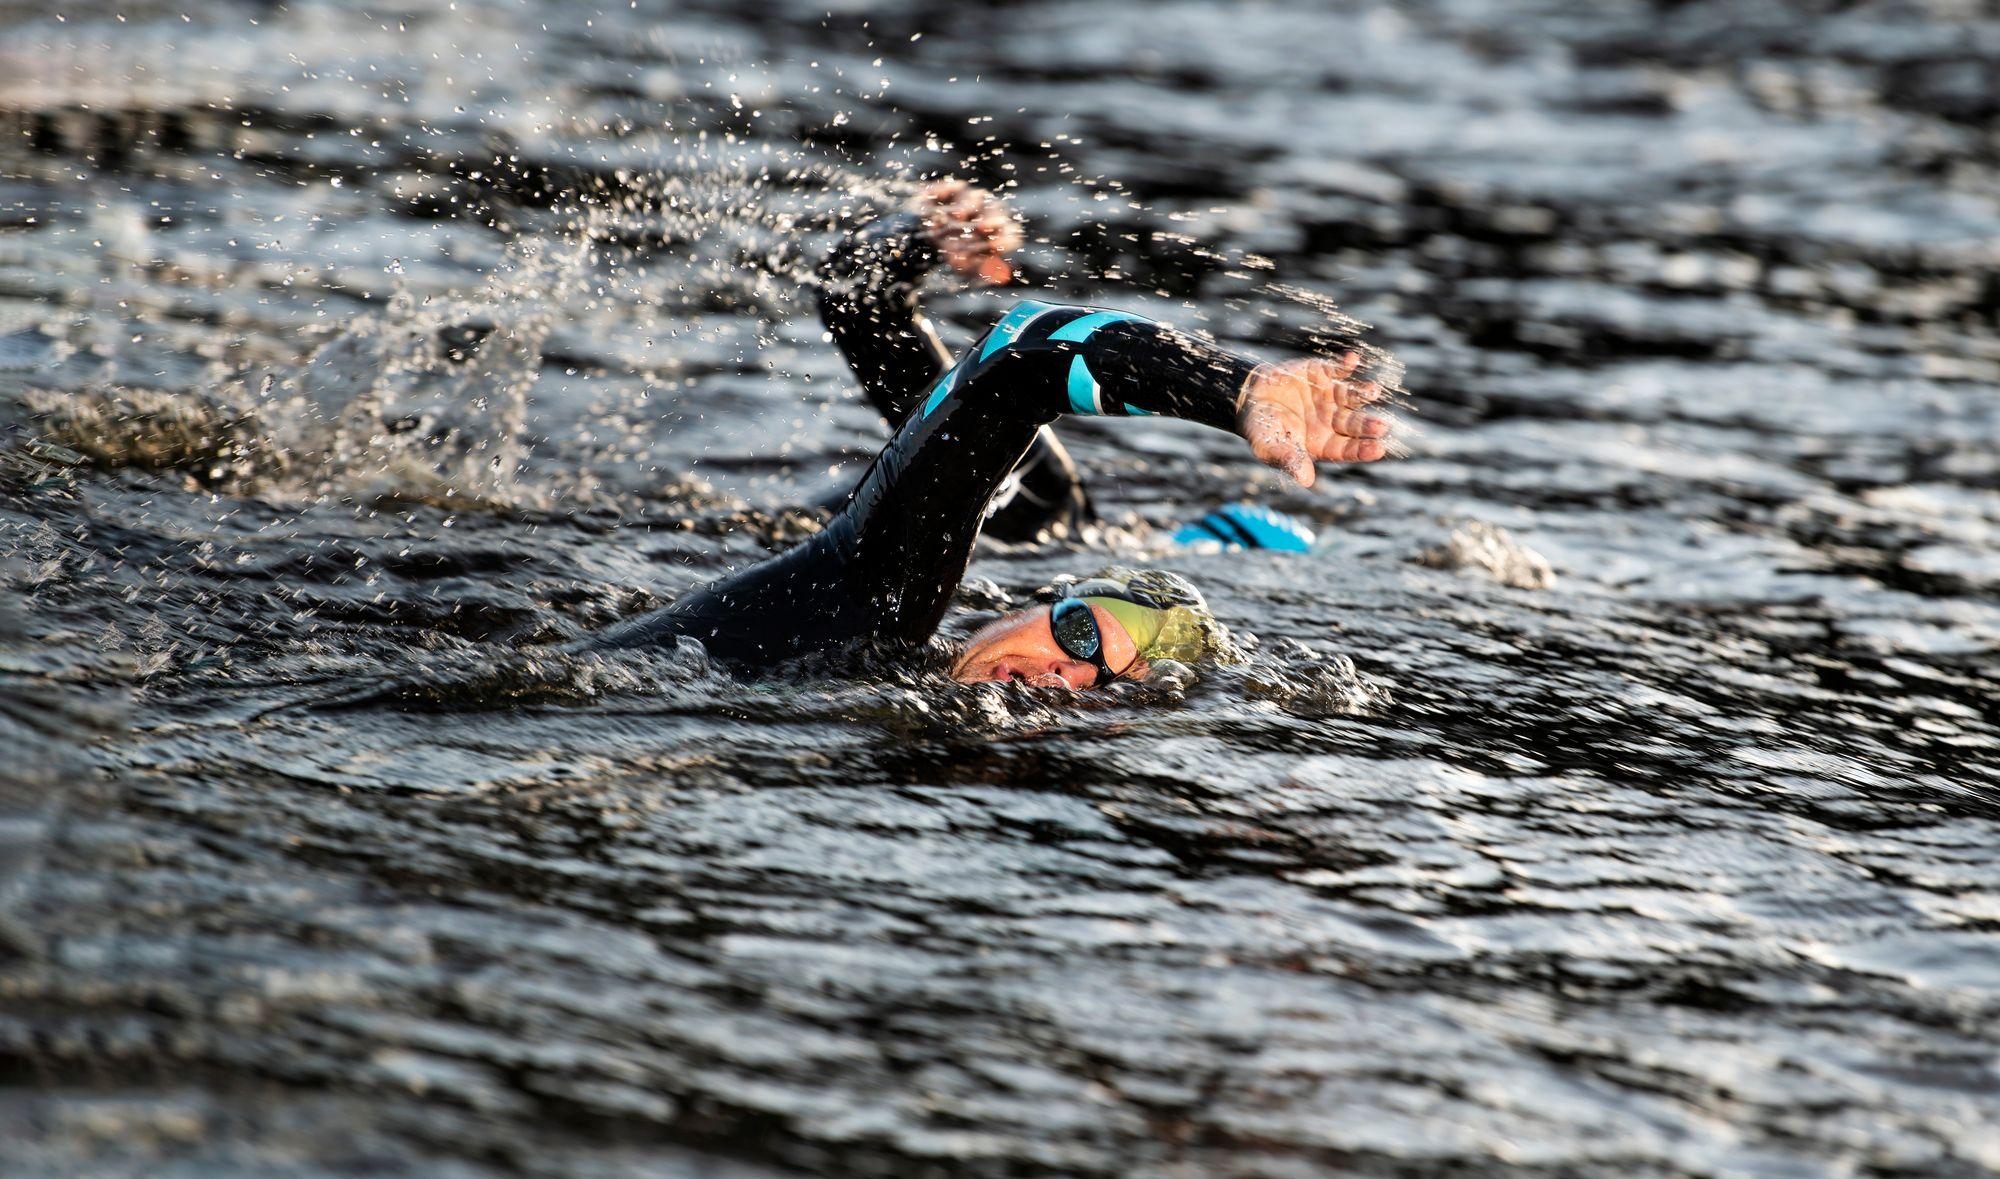 Olympialaisten triathlonissa uidaan 1,5 ja Ironman-kisassa 3,8 kilometriä. Sen jälkeen on pyöräily- ja lopuksi juoksuosuus. © Vesa Koivunen